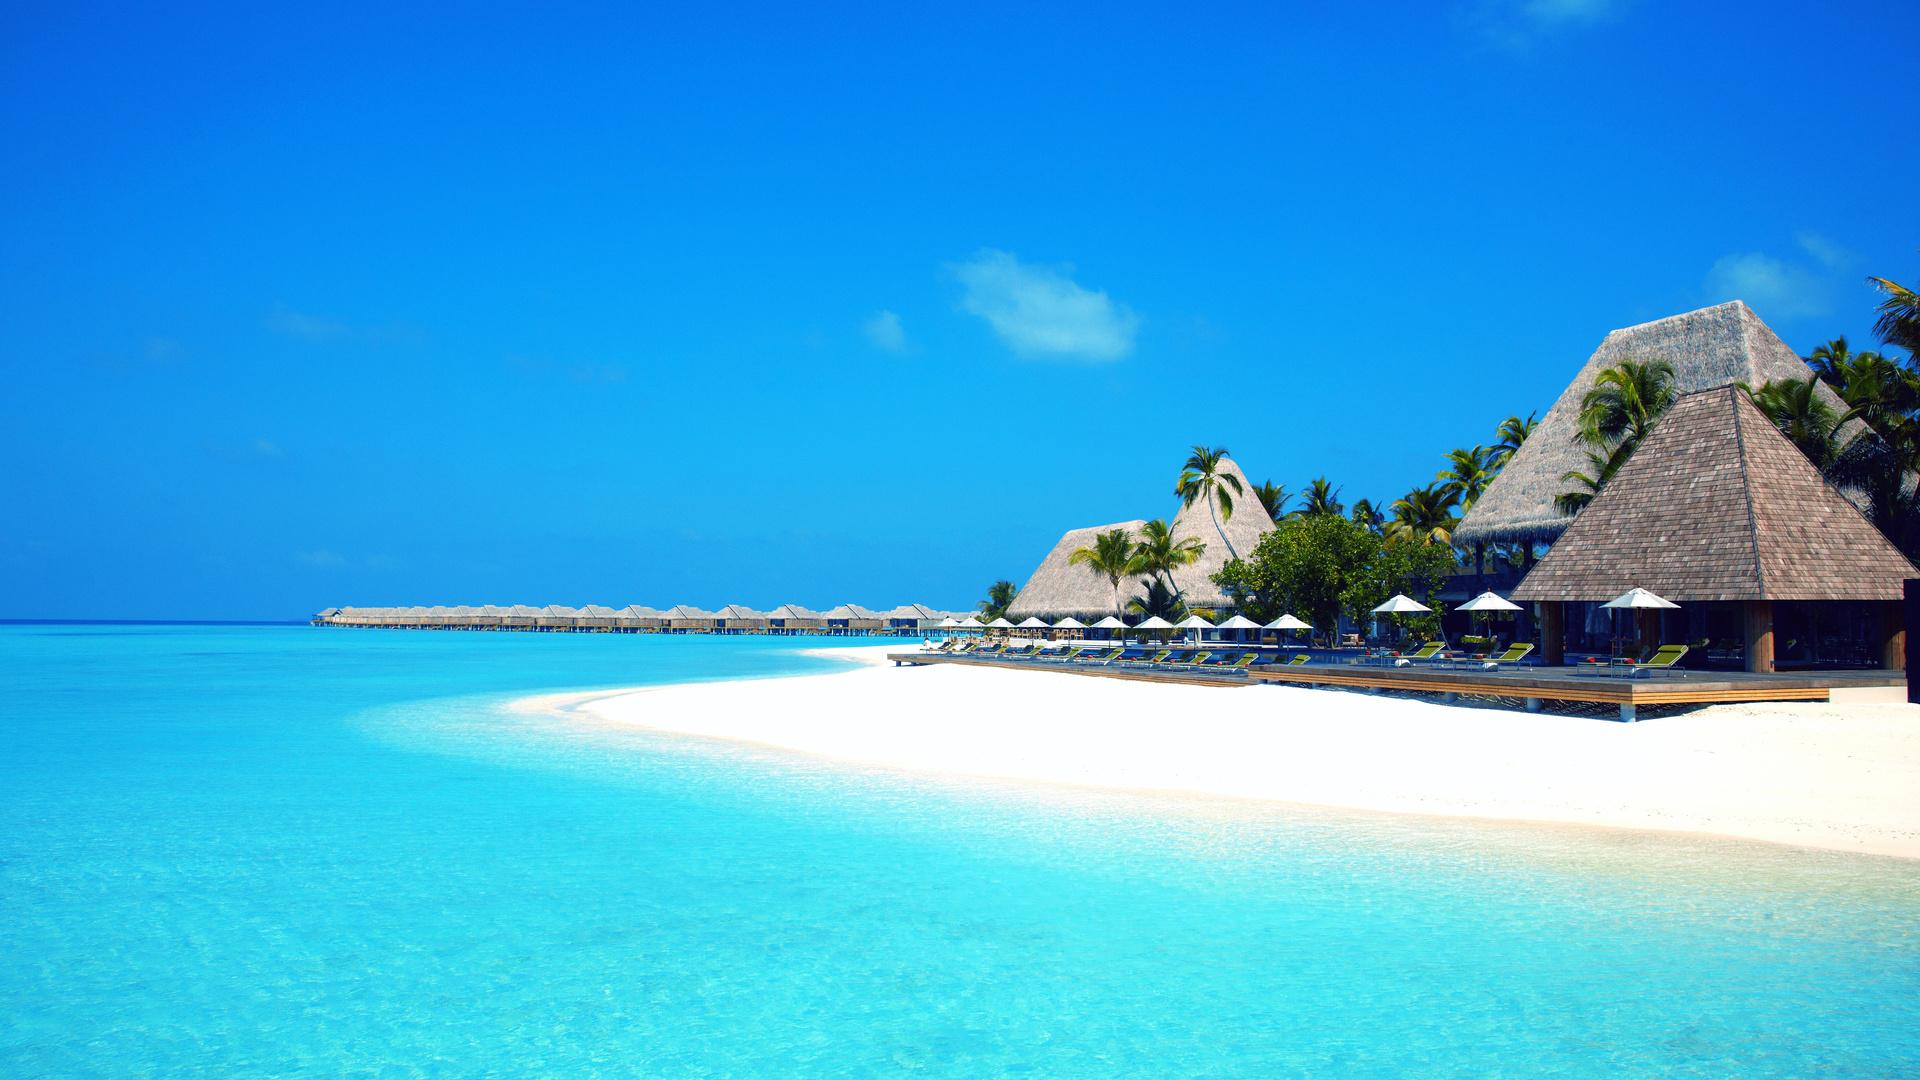 Мальдивы красивая картинка